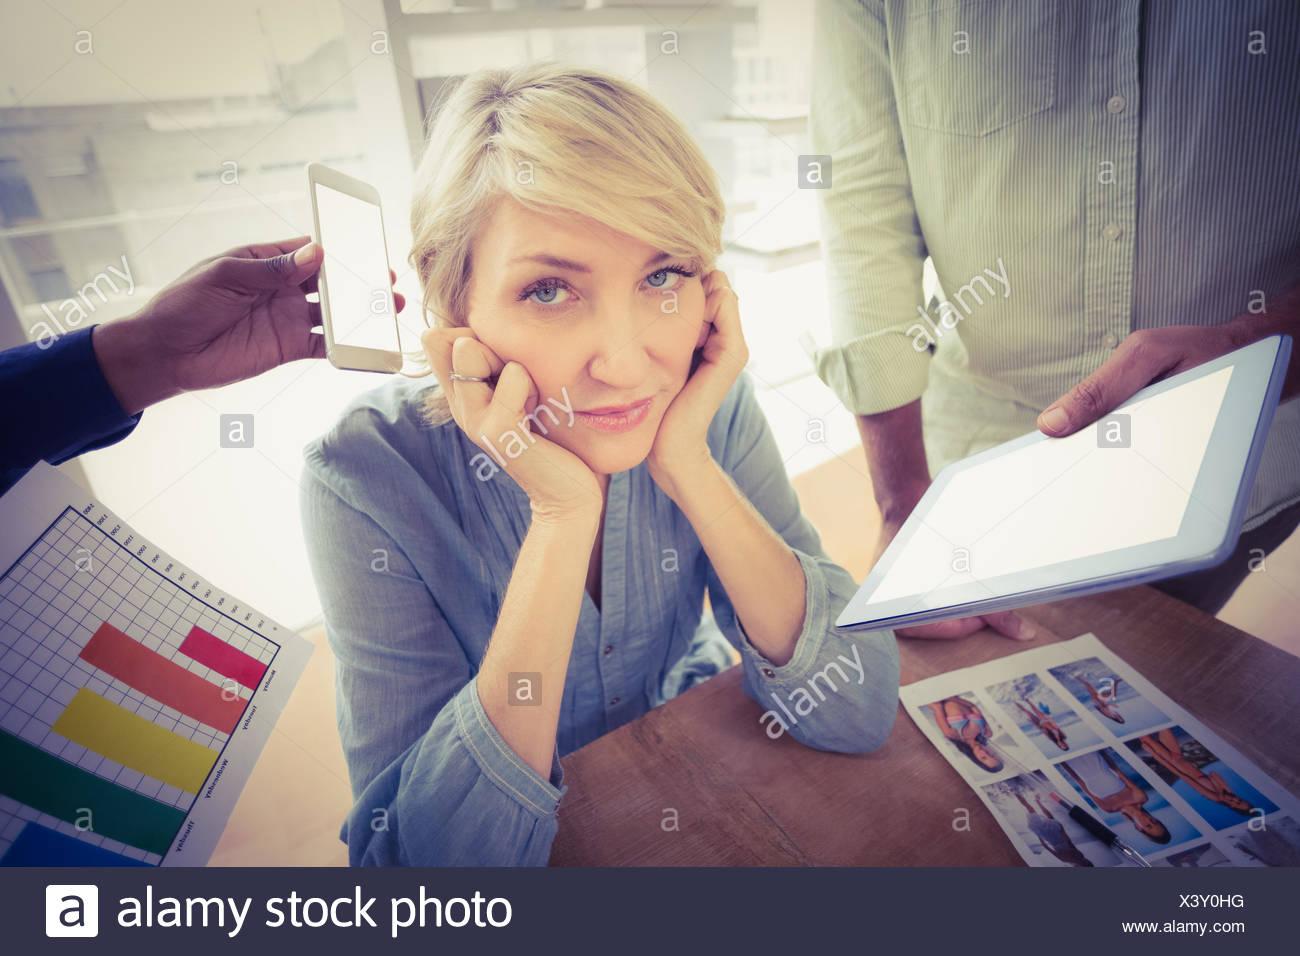 La empresaria sobreexcitada cubriendo sus orejas Imagen De Stock